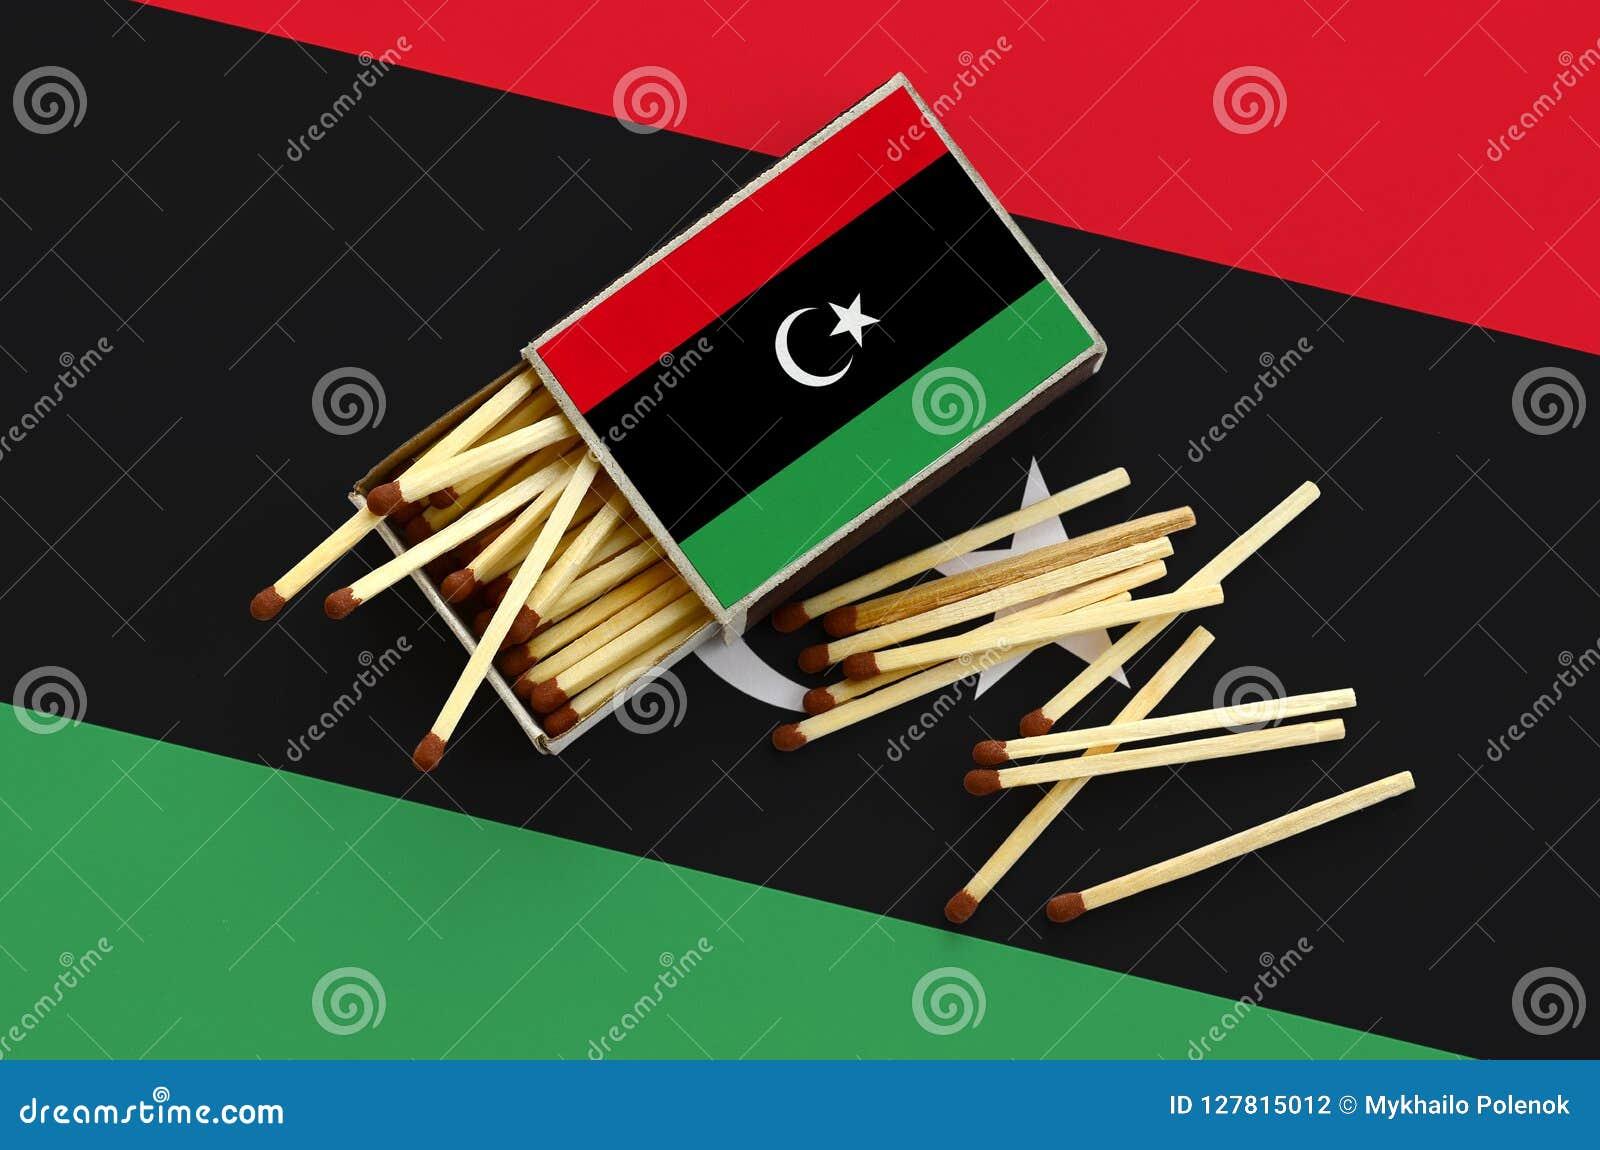 Η σημαία της Λιβύης παρουσιάζεται σε ένα ανοικτό σπιρτόκουτο, από το οποίο διάφορες αντιστοιχίες αφορούν και βρίσκονται μια μεγάλ